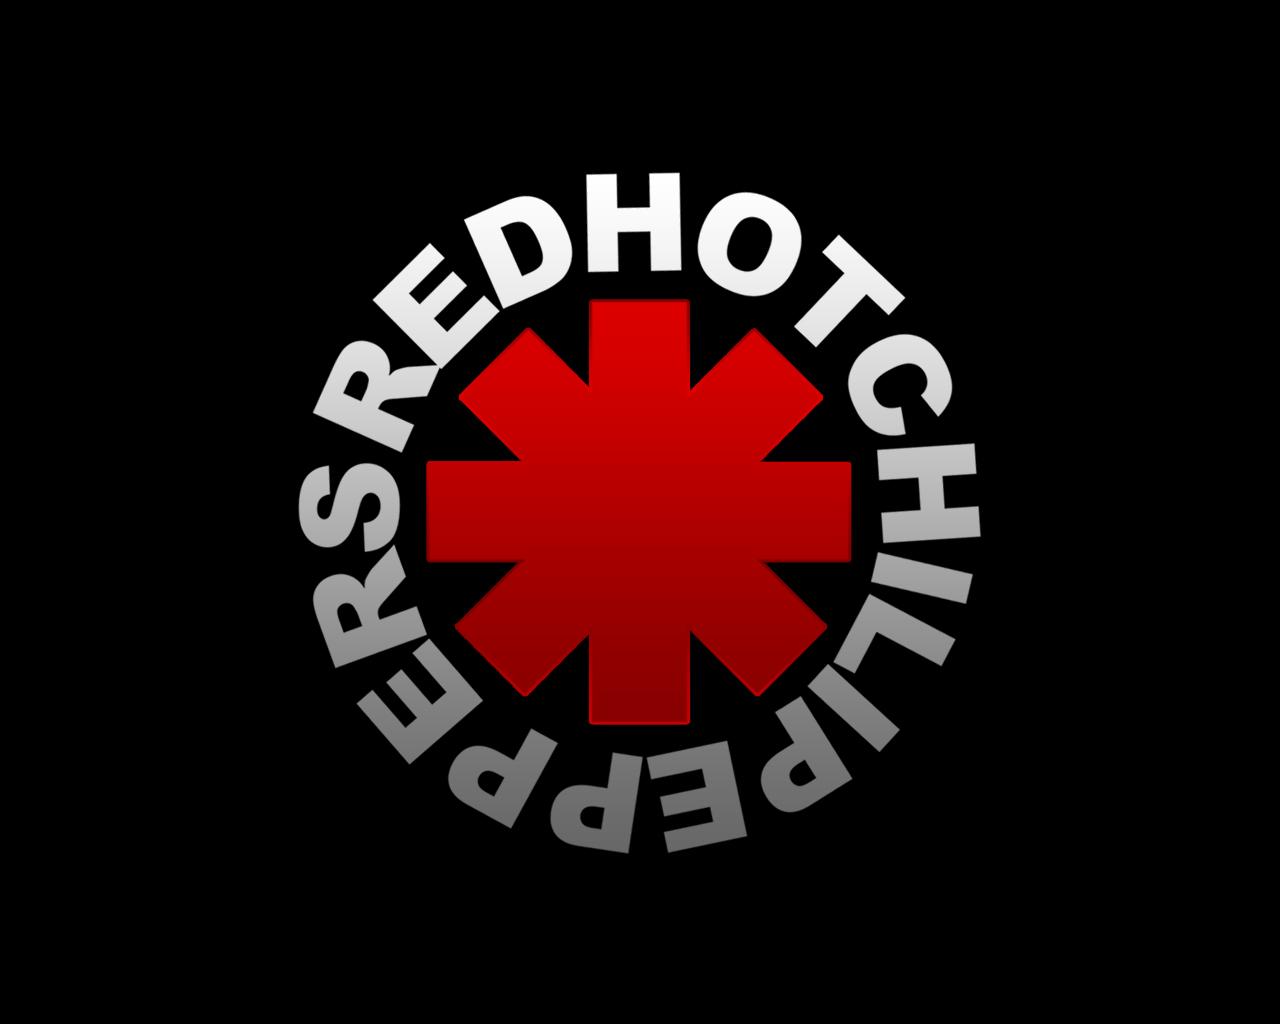 http://4.bp.blogspot.com/-0UKLtm_ntKQ/URsvQx_jwTI/AAAAAAAABW4/lIvs-Rm29xY/s1600/Red_a_Chili_Peppers_Logo_Dark_HD_Wallpaper-Vvallpaper.Net.jpg